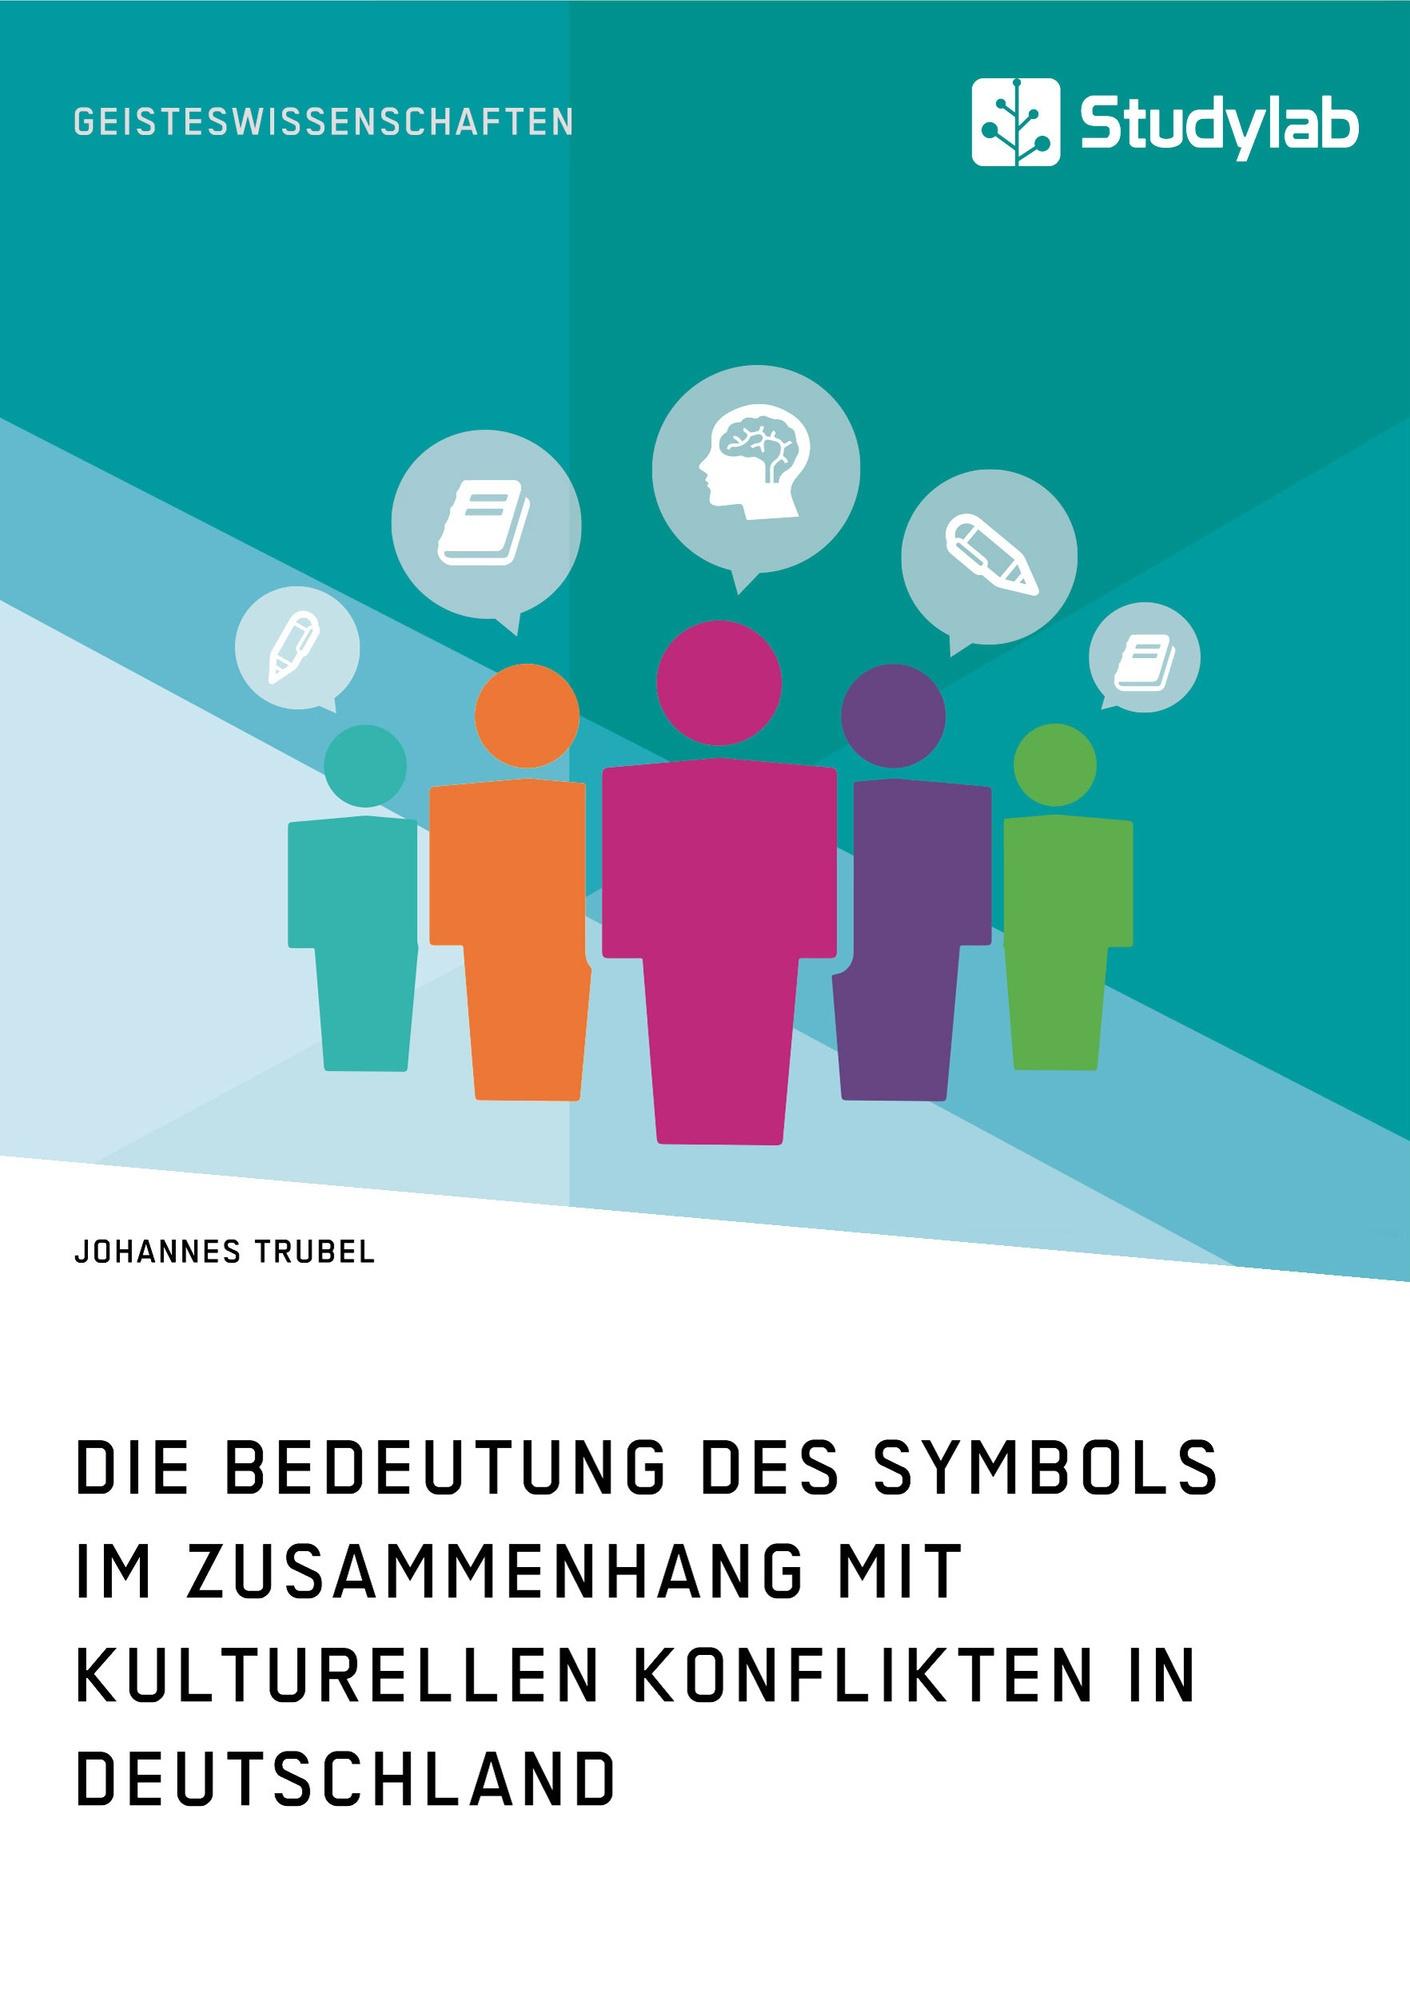 Titel: Die Bedeutung des Symbols im Zusammenhang mit kulturellen Konflikten in Deutschland